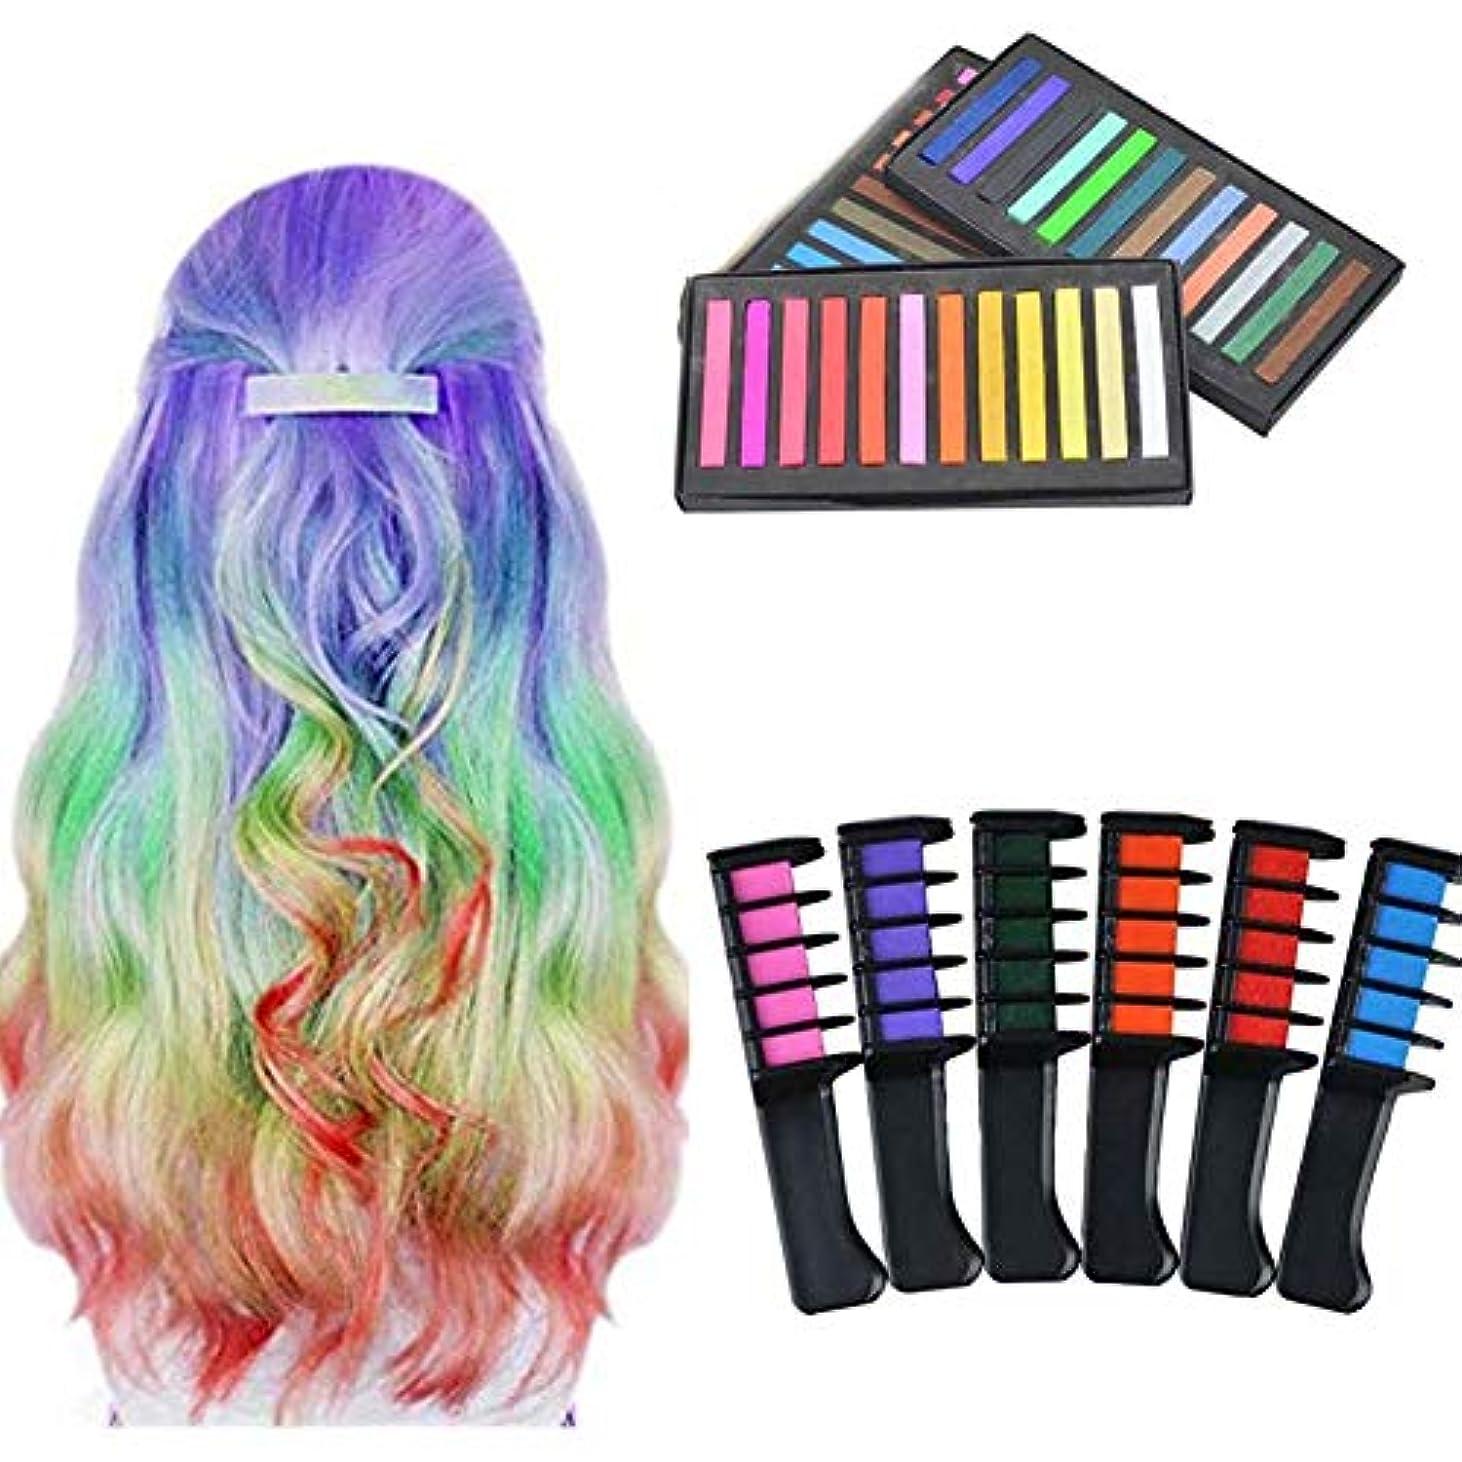 ペイントバーガーちょっと待ってキッズパーティー洗える髪染めペットキット(6色+ 36色ヘアスティック)のための髪染料チョーク櫛一時的な色